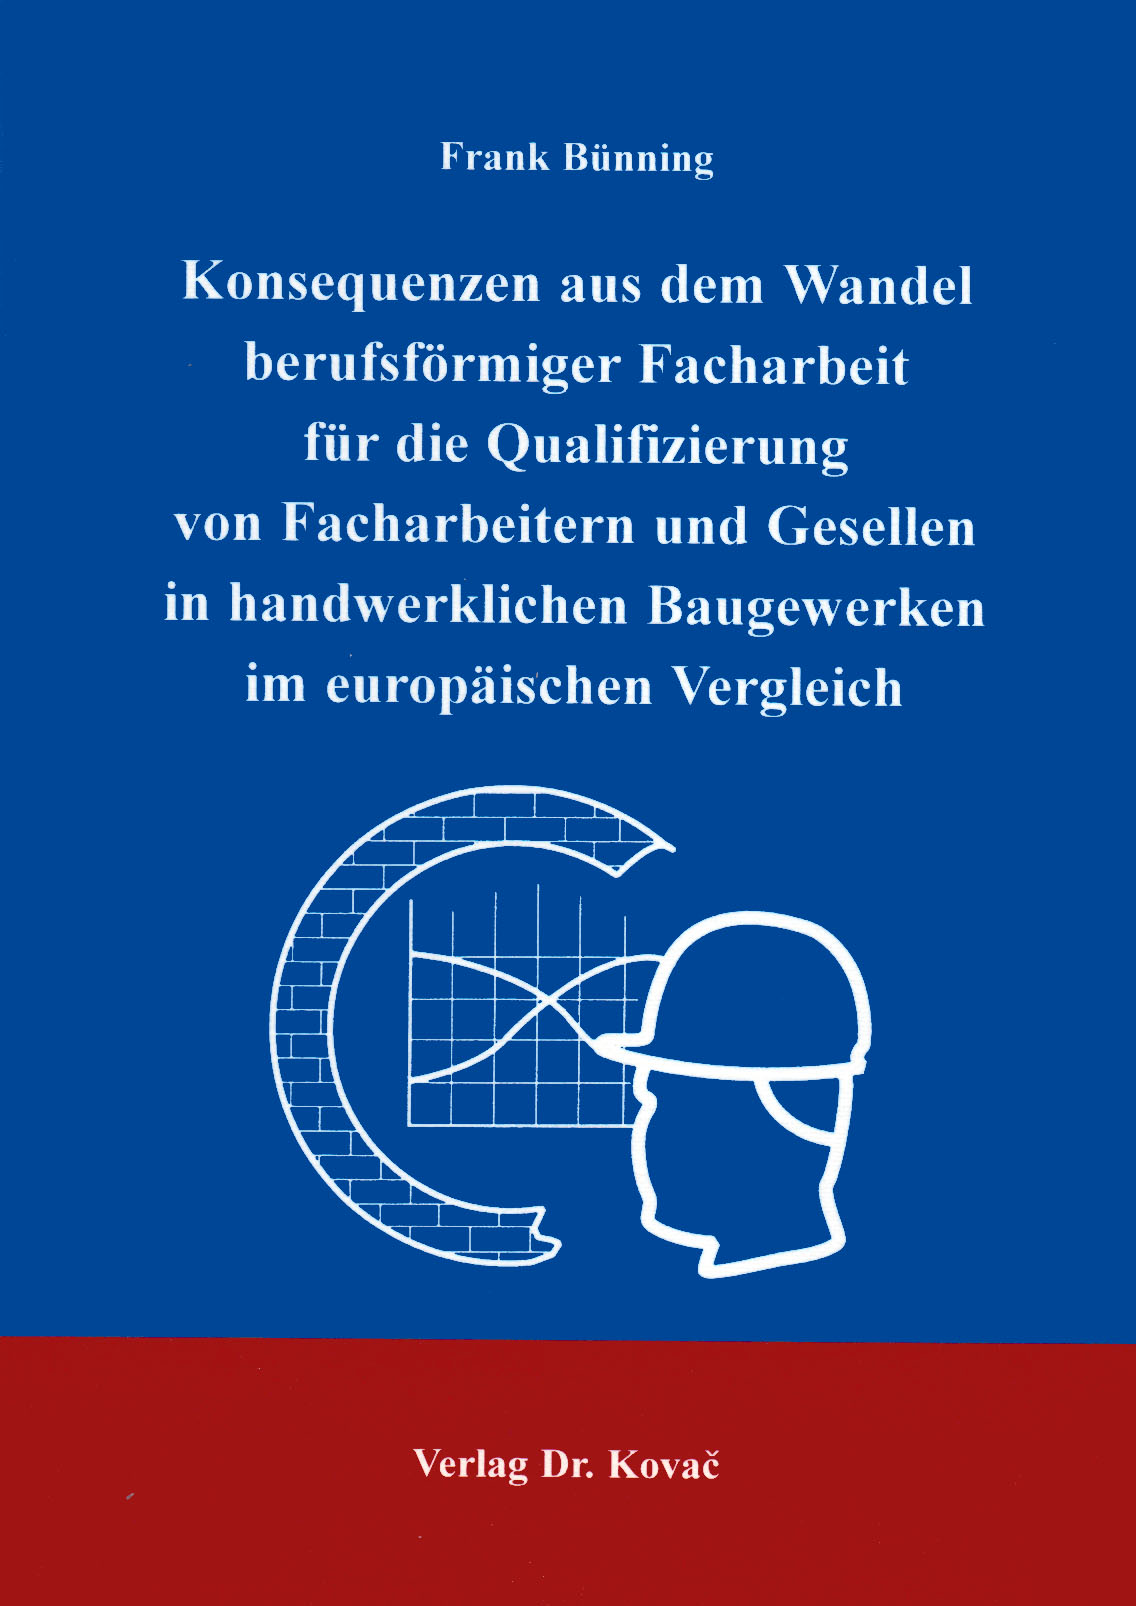 Cover: Konsequenzen aus dem Wandel berufsförmiger Facharbeit für die Qualifizierung von Facharbeitern und Gesellen in handwerklichen Baugewerken im europäischen Vergleich